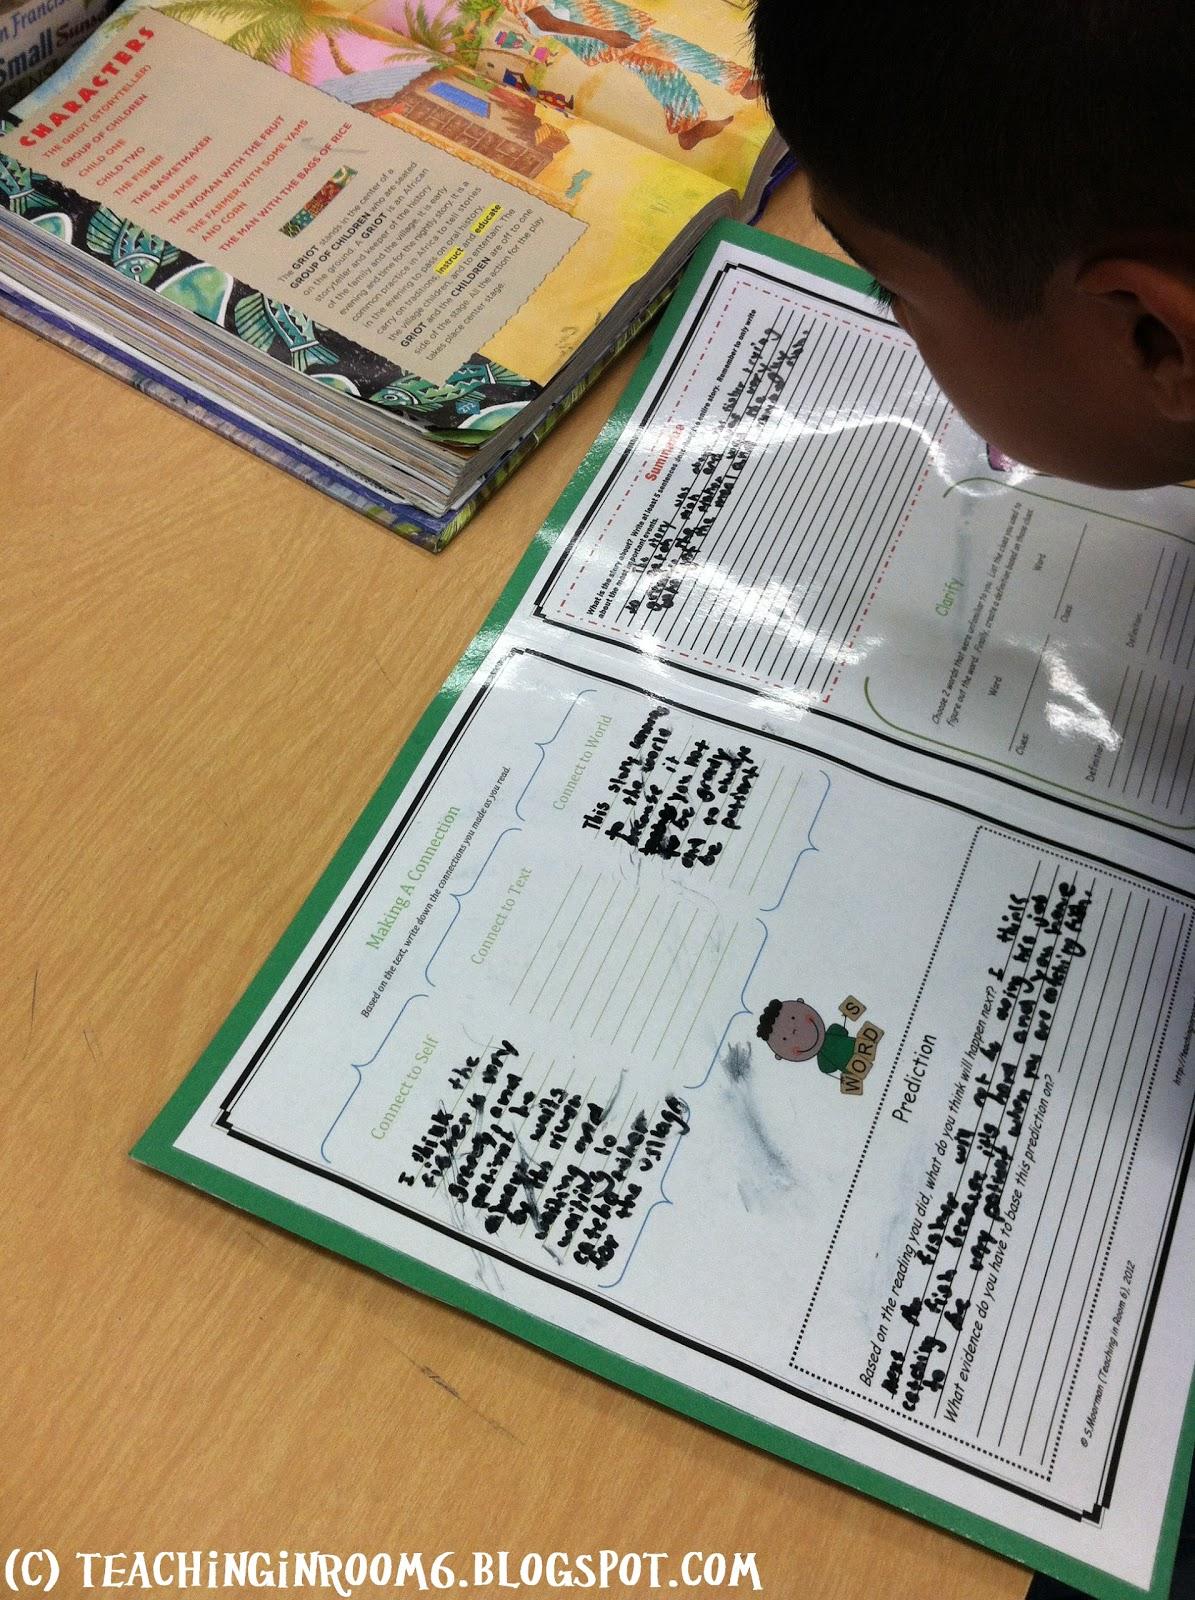 Workbooks k12 comprehension worksheets : Comprehension Mats! - Teaching in Room 6